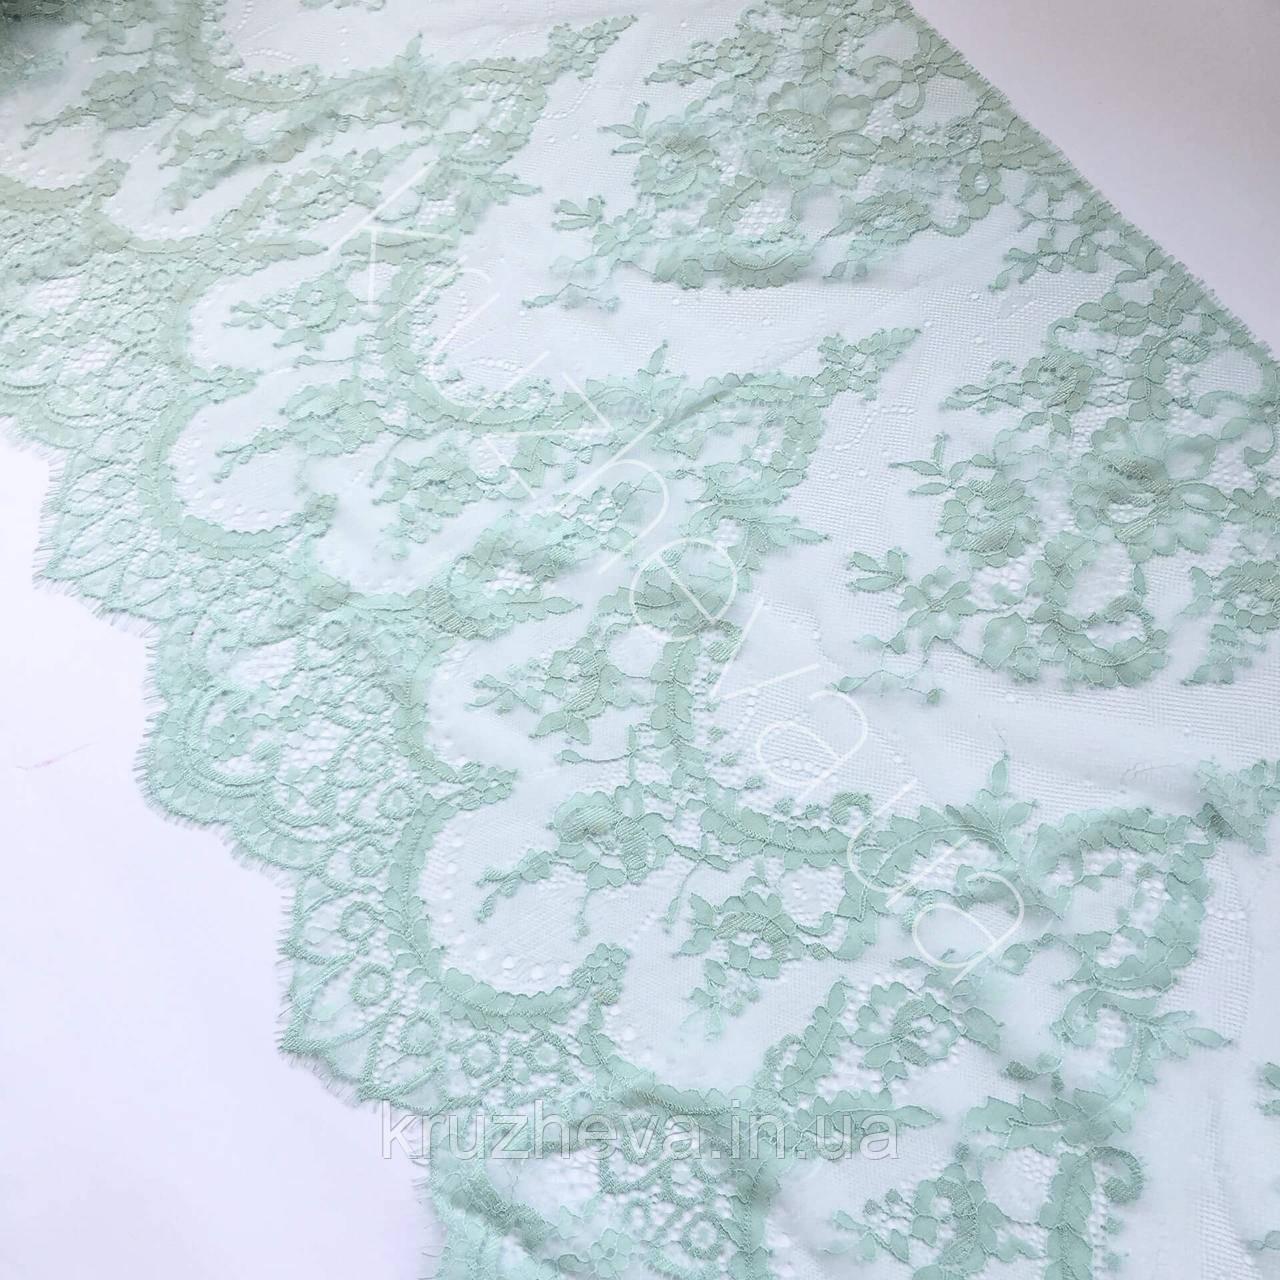 Ажурне французьке мереживо шантильї (з віями) м'ятного кольору завширшки 40 см, довжина купона 3,0 м.